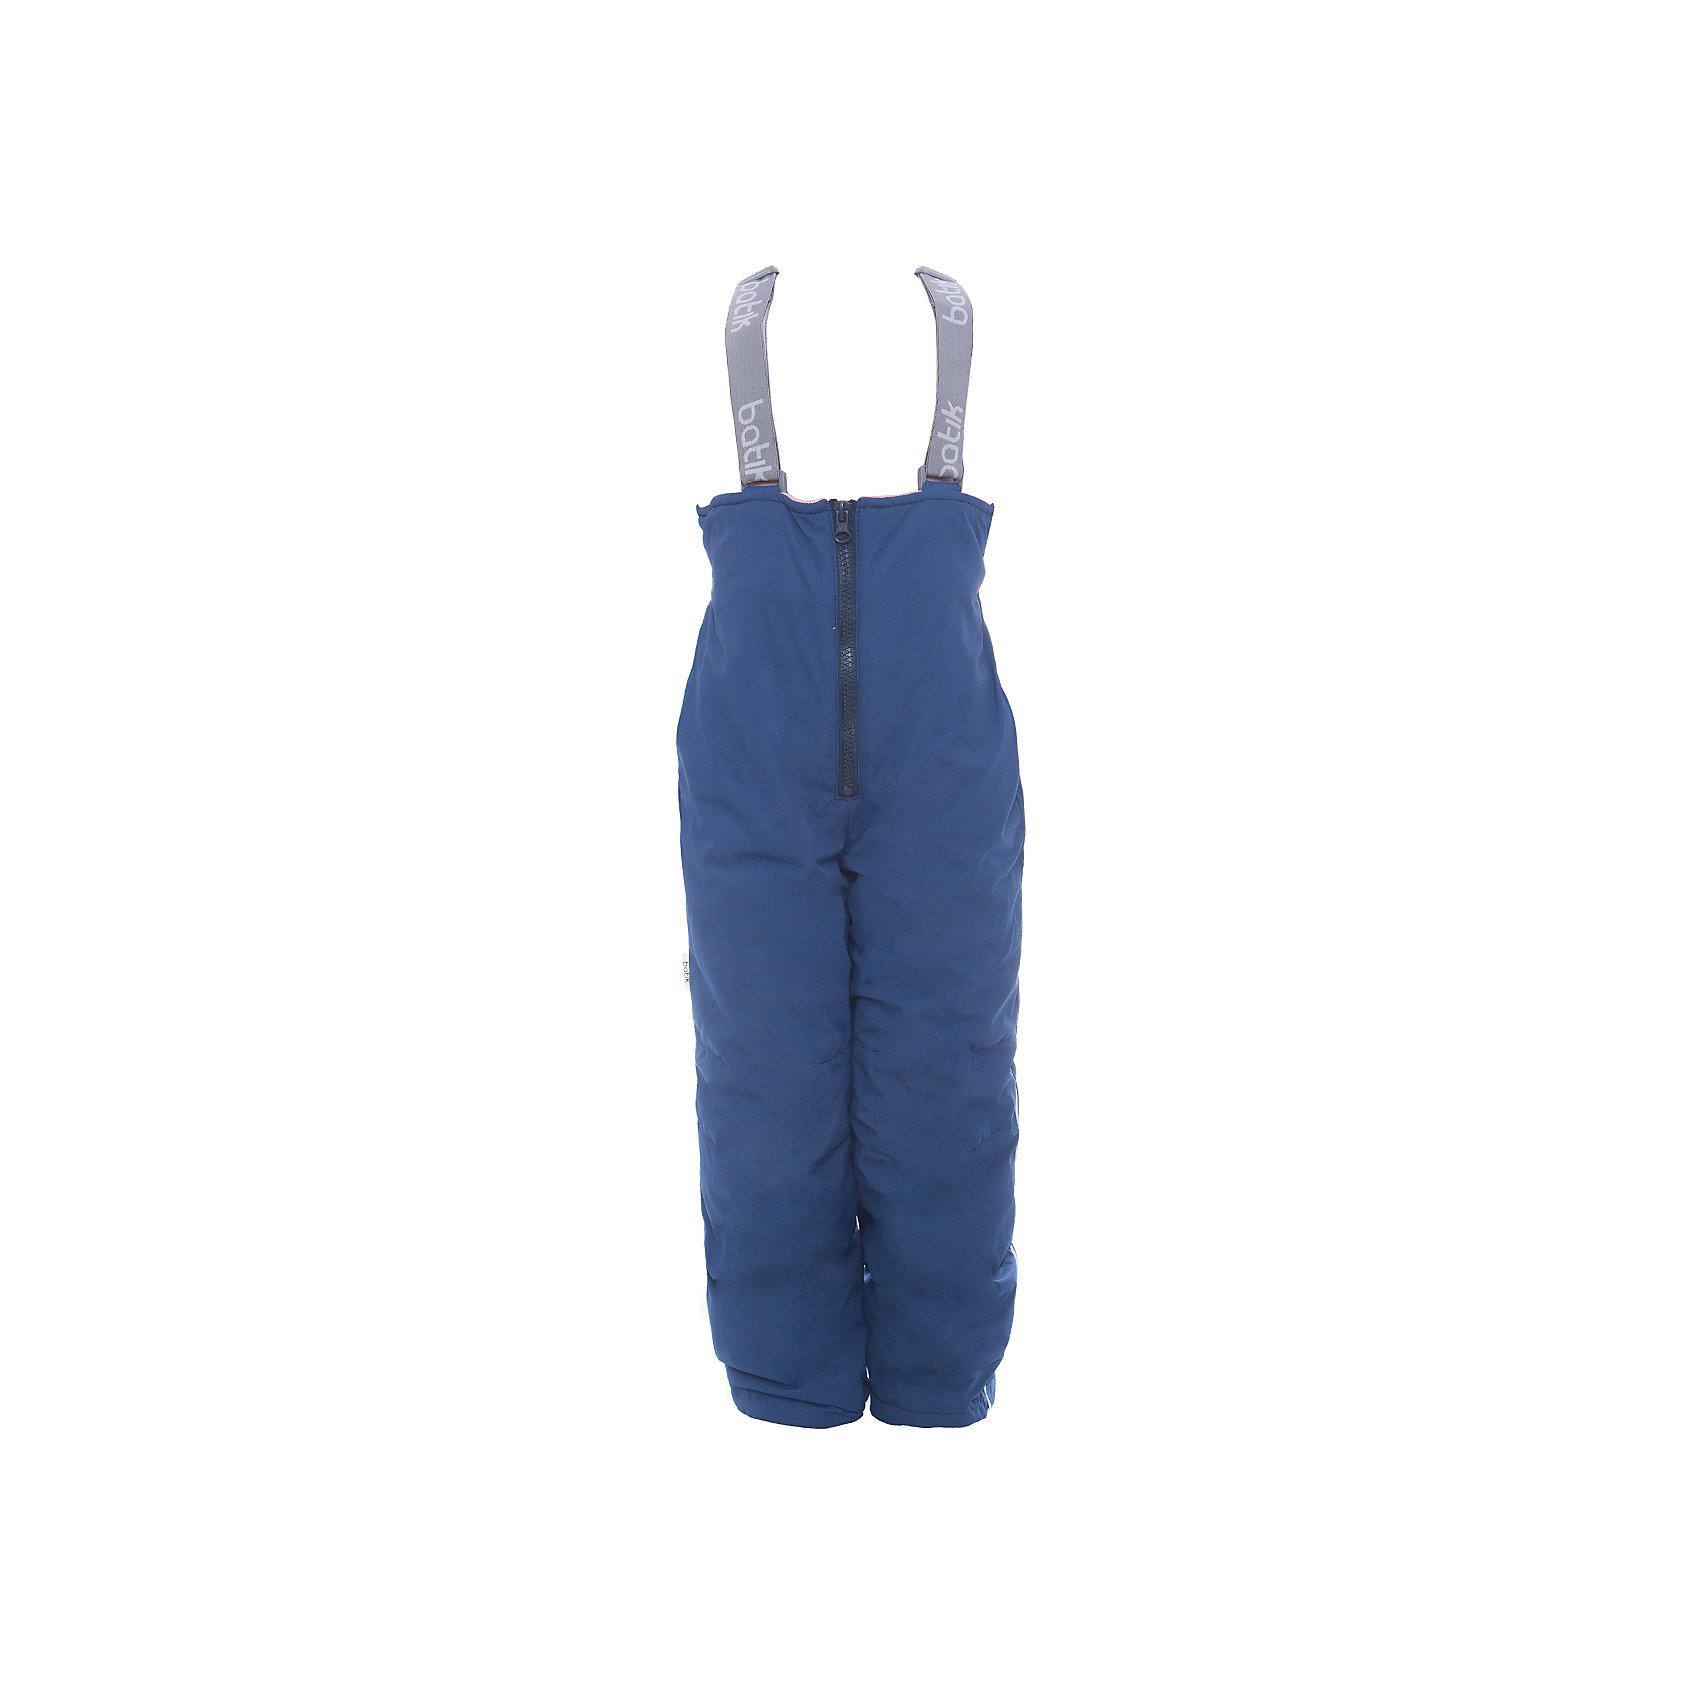 Полукомбинезон Робин Batik для девочкиВерхняя одежда<br>Характеристики товара:<br><br>• цвет: серый<br>• состав ткани: таслан<br>• подкладка: поларфлис<br>• утеплитель: слайтекс<br>• сезон: зима<br>• мембранное покрытие<br>• температурный режим: от -35 до 0<br>• водонепроницаемость: 5000 мм <br>• паропроницаемость: 5000 г/м2<br>• плотность утеплителя: 150 г/м2<br>• застежка: молния<br>• лямки регулируются<br>• страна бренда: Россия<br>• страна изготовитель: Россия<br><br>Удобный детский полукомбинезон Batik теплый и легкий. Теплый полукомбинезон для девочки отличается стильным дизайном, учитывающим потребности для детей. Этот детский полукомбинезон дополнен регулирующимися лямками. Зимний мембранный полукомбинезон для девочки легко чистится и долго служит. <br><br>Полукомбинезон Робин Batik (Батик) для девочки можно купить в нашем интернет-магазине.<br><br>Ширина мм: 215<br>Глубина мм: 88<br>Высота мм: 191<br>Вес г: 336<br>Цвет: серый<br>Возраст от месяцев: 24<br>Возраст до месяцев: 36<br>Пол: Женский<br>Возраст: Детский<br>Размер: 98,140,134,128,122,116,110,104<br>SKU: 7028033